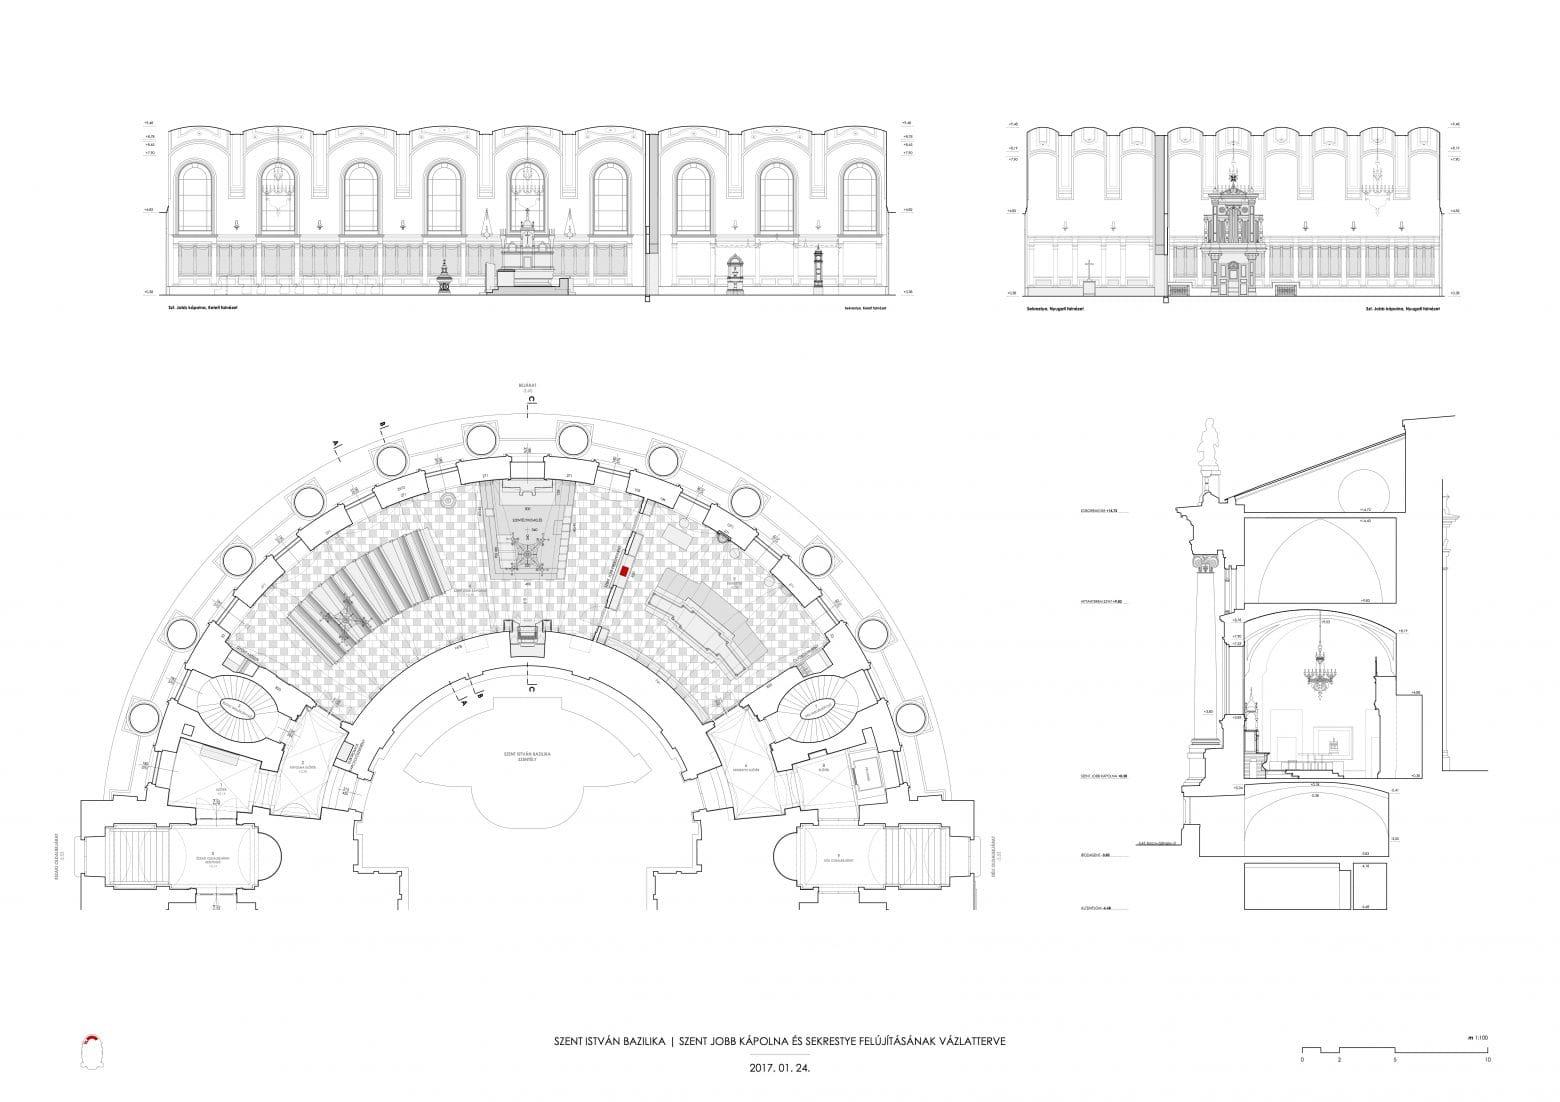 Bazilika_szent_jobb_kapolna MTT tablo 01 0124